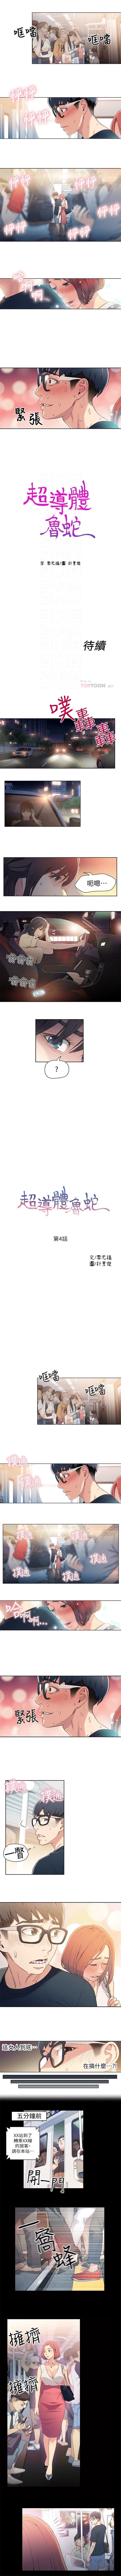 超导体鲁蛇(超级吸引力) 1-11 中文翻译(更新中) 14